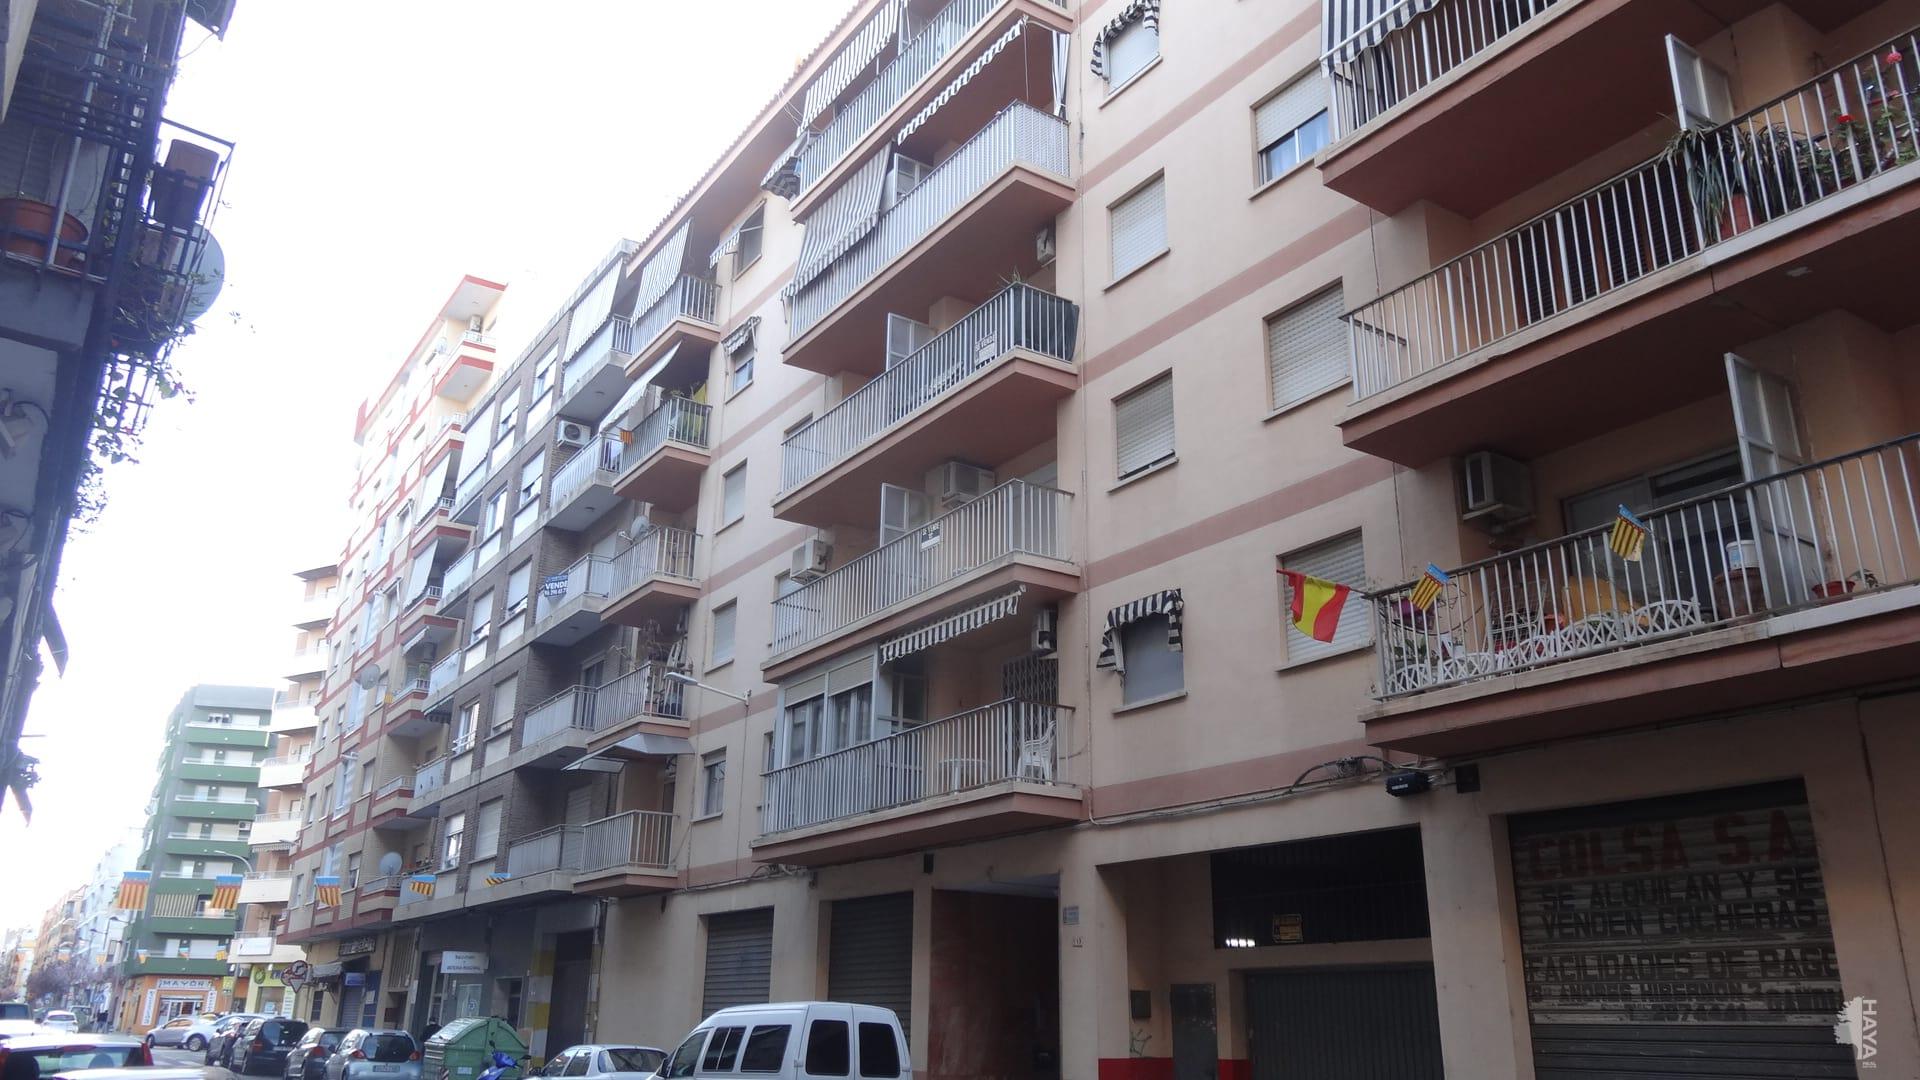 Piso en venta en Gandia, Valencia, Calle Ferrocarrill de Alcoy, 62.404 €, 3 habitaciones, 2 baños, 106 m2